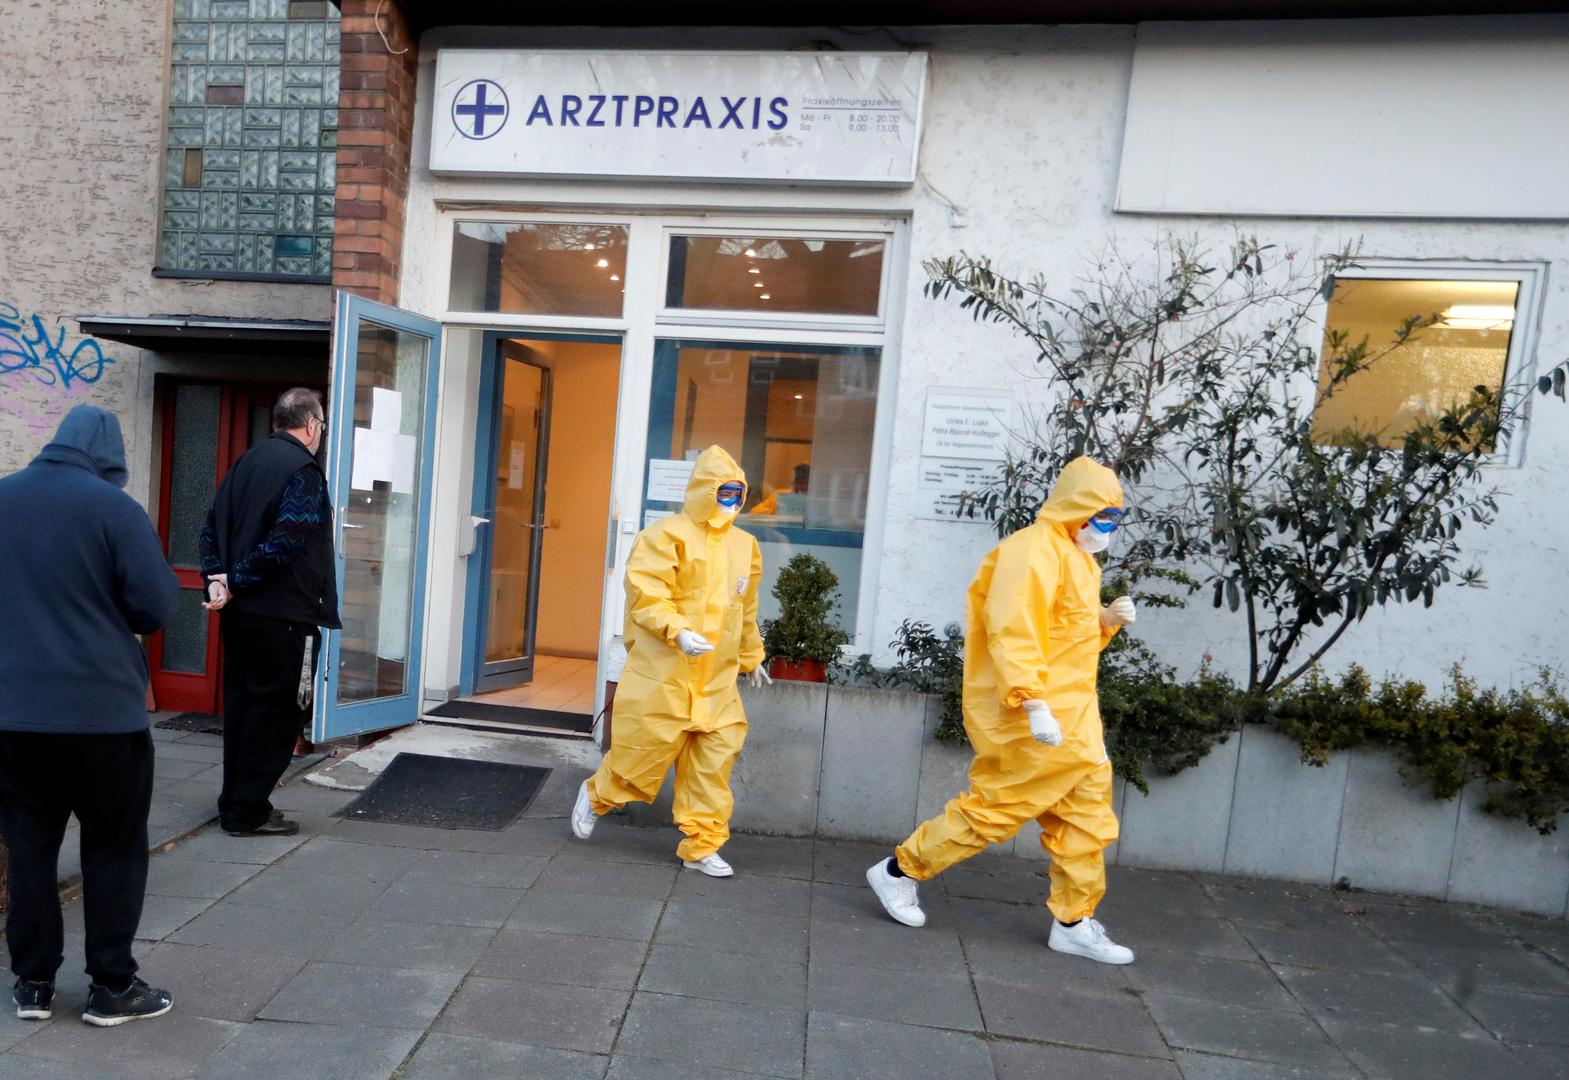 ألمانيا: ارتفاع عدد الإصابات بكورونا إلى 22672 إصابة والوفيات إلى 86 حالة وفاة